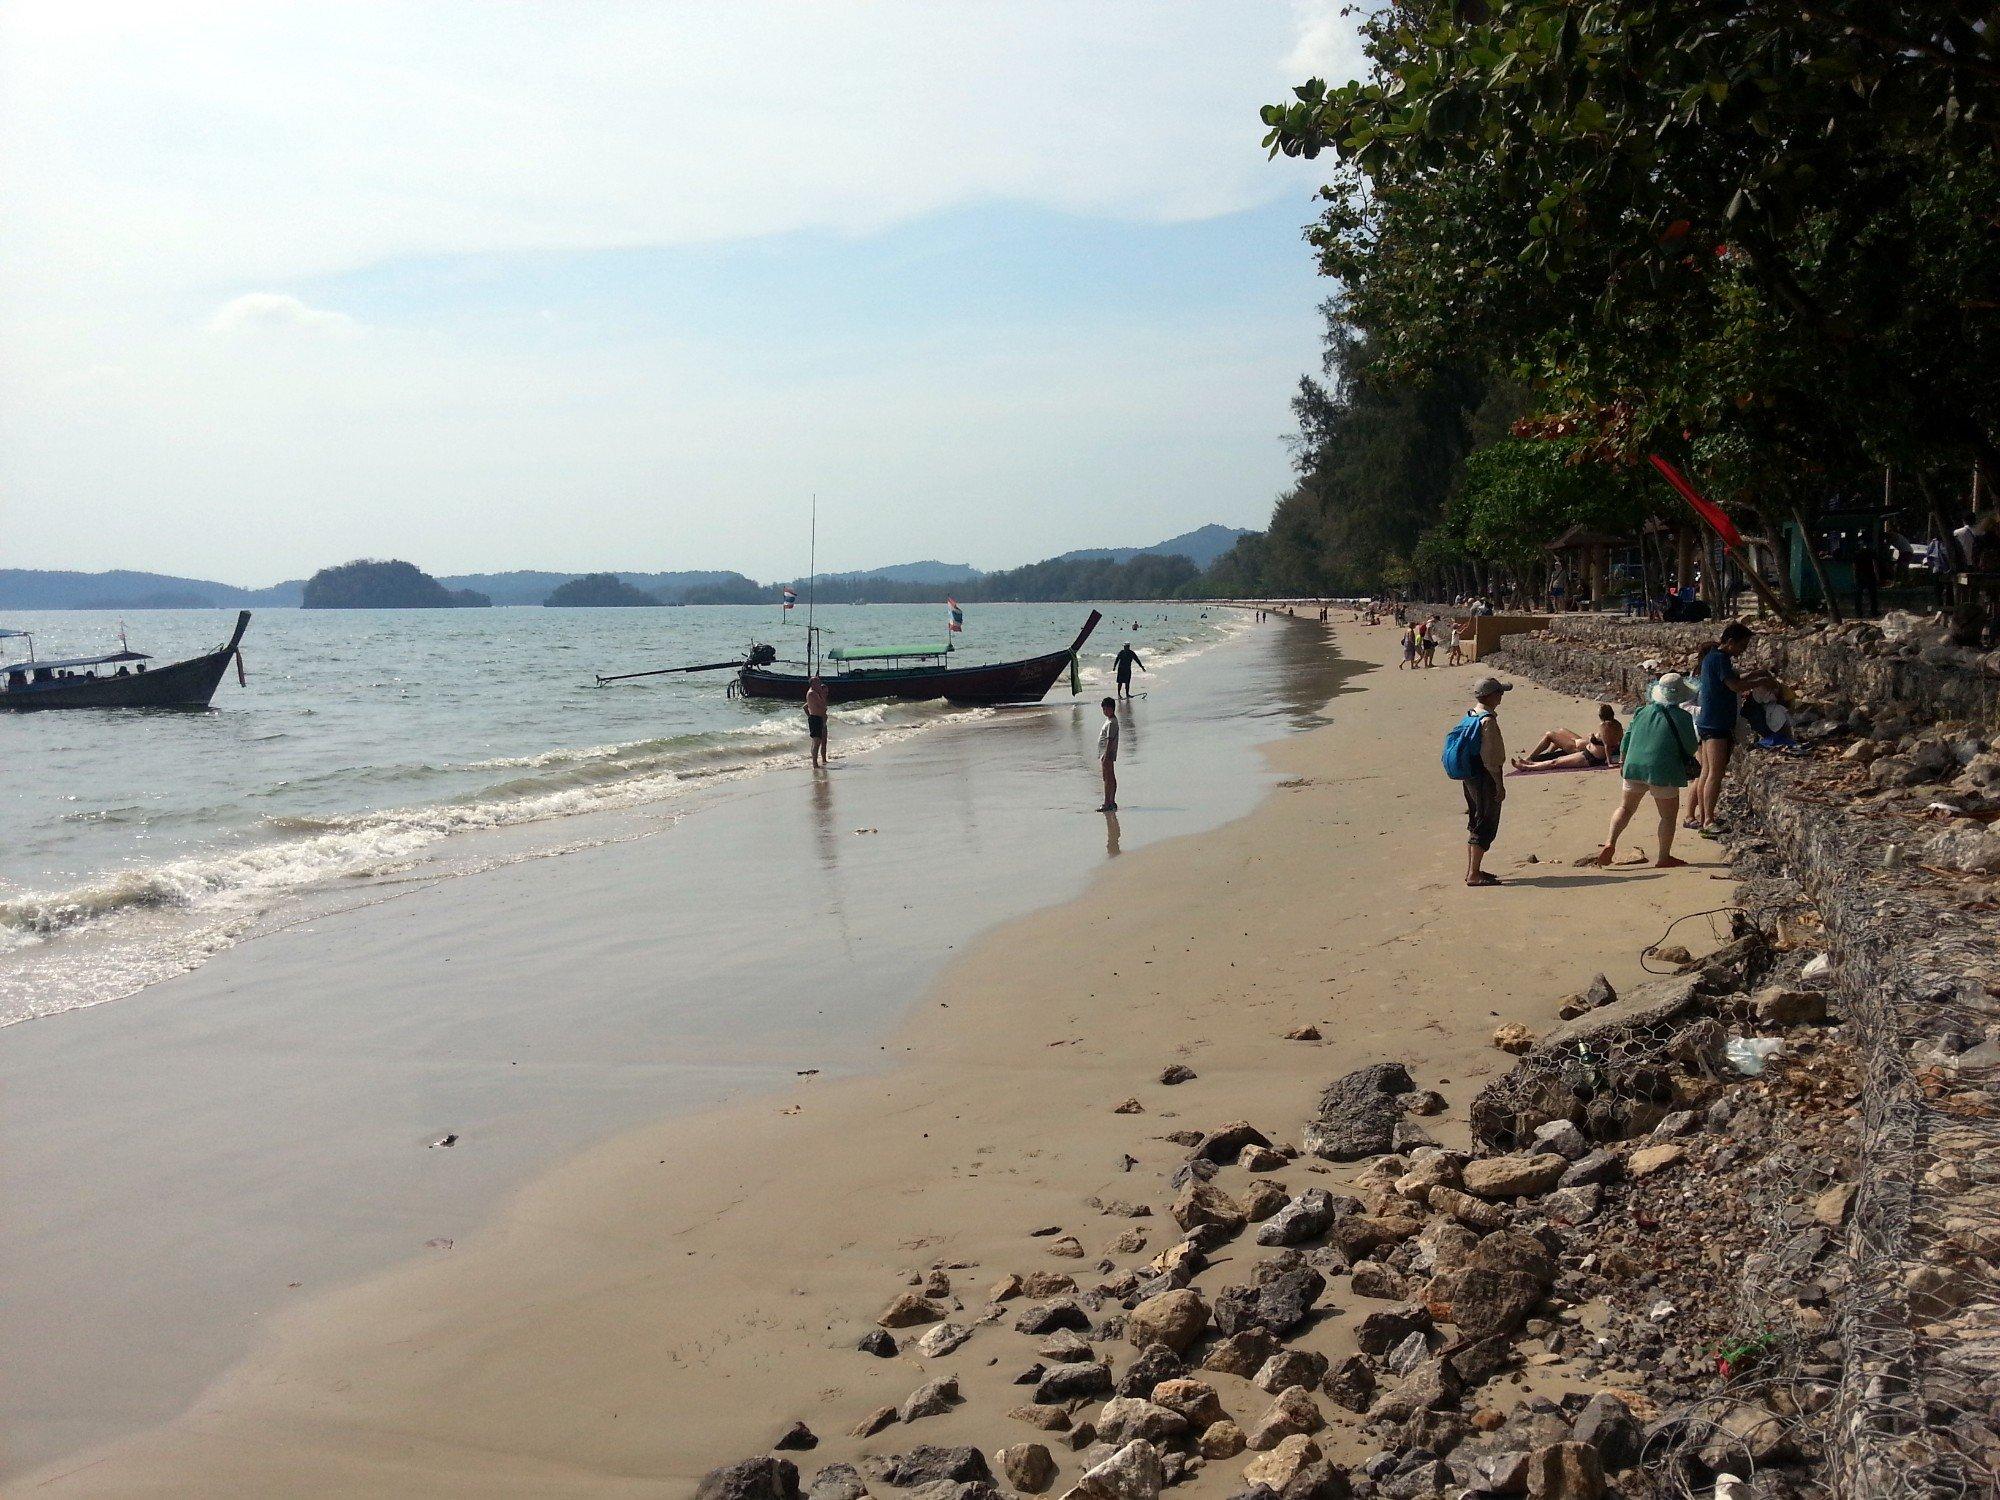 Eastern end of Noppharat Thara Beach